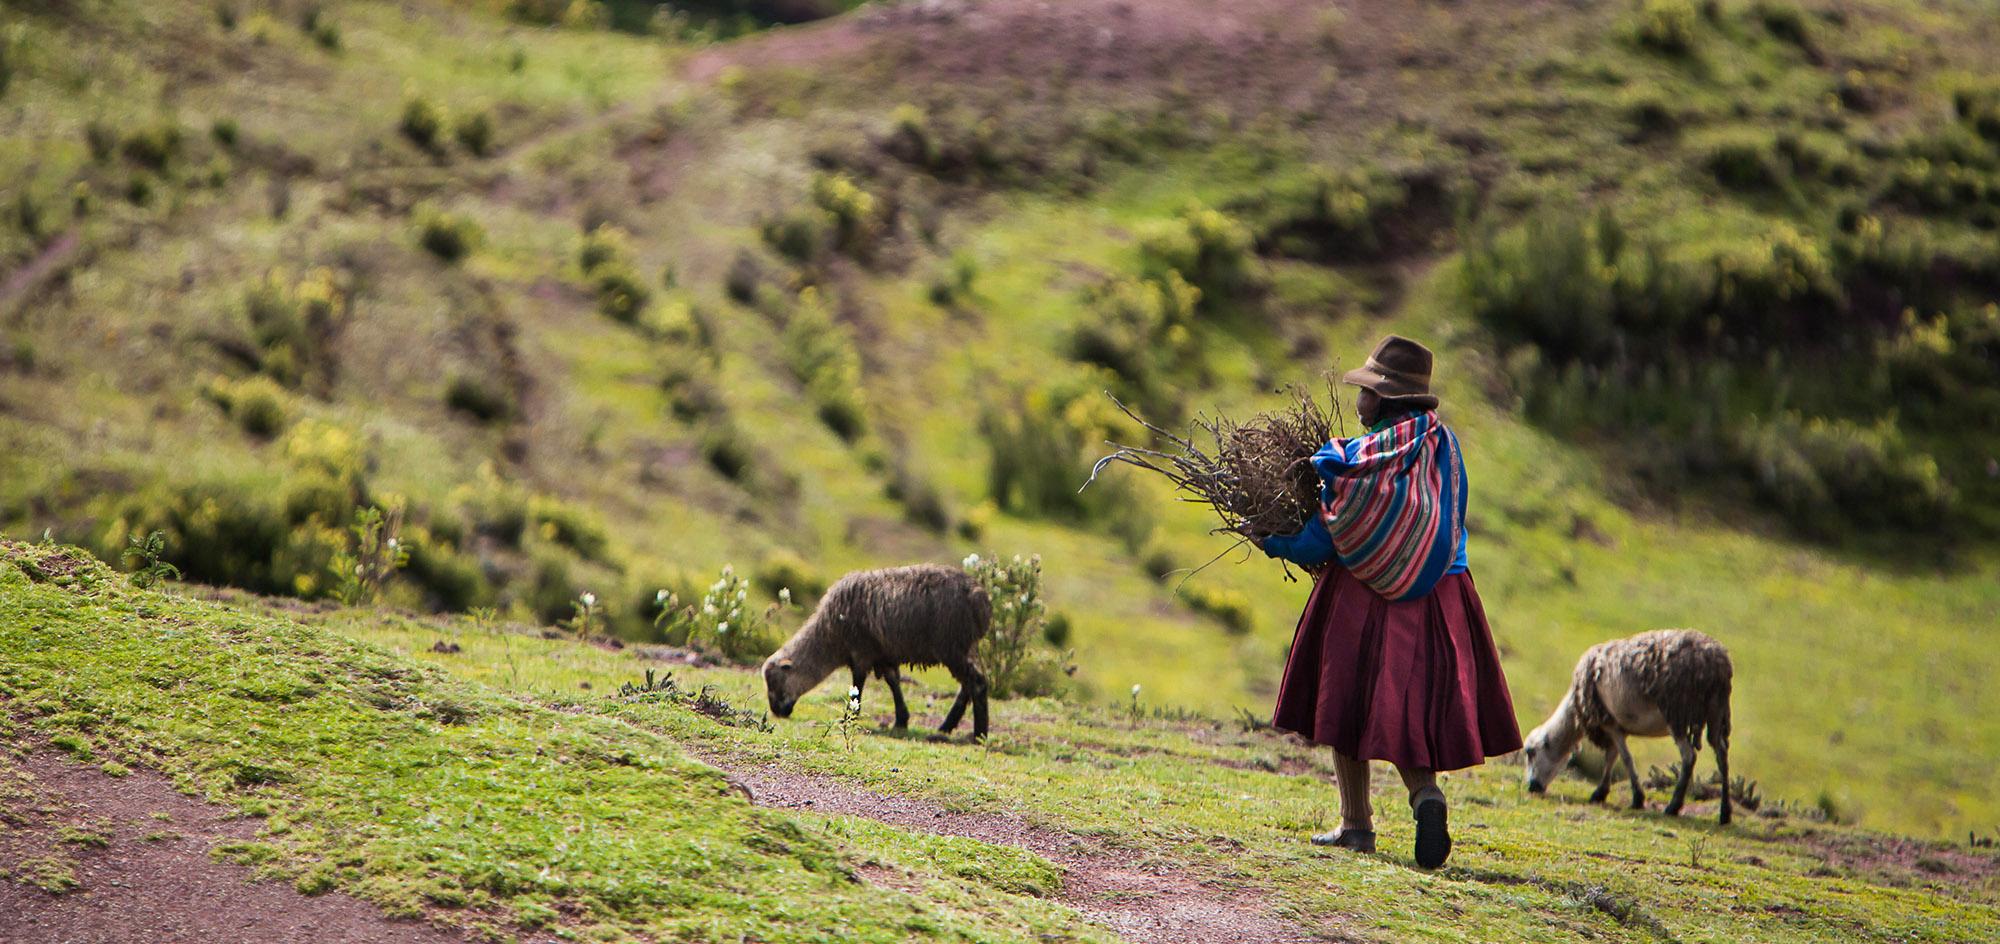 Patabamba –  Gestión de agua, agricultura y cambio climático en una comunidad campesina peruana.